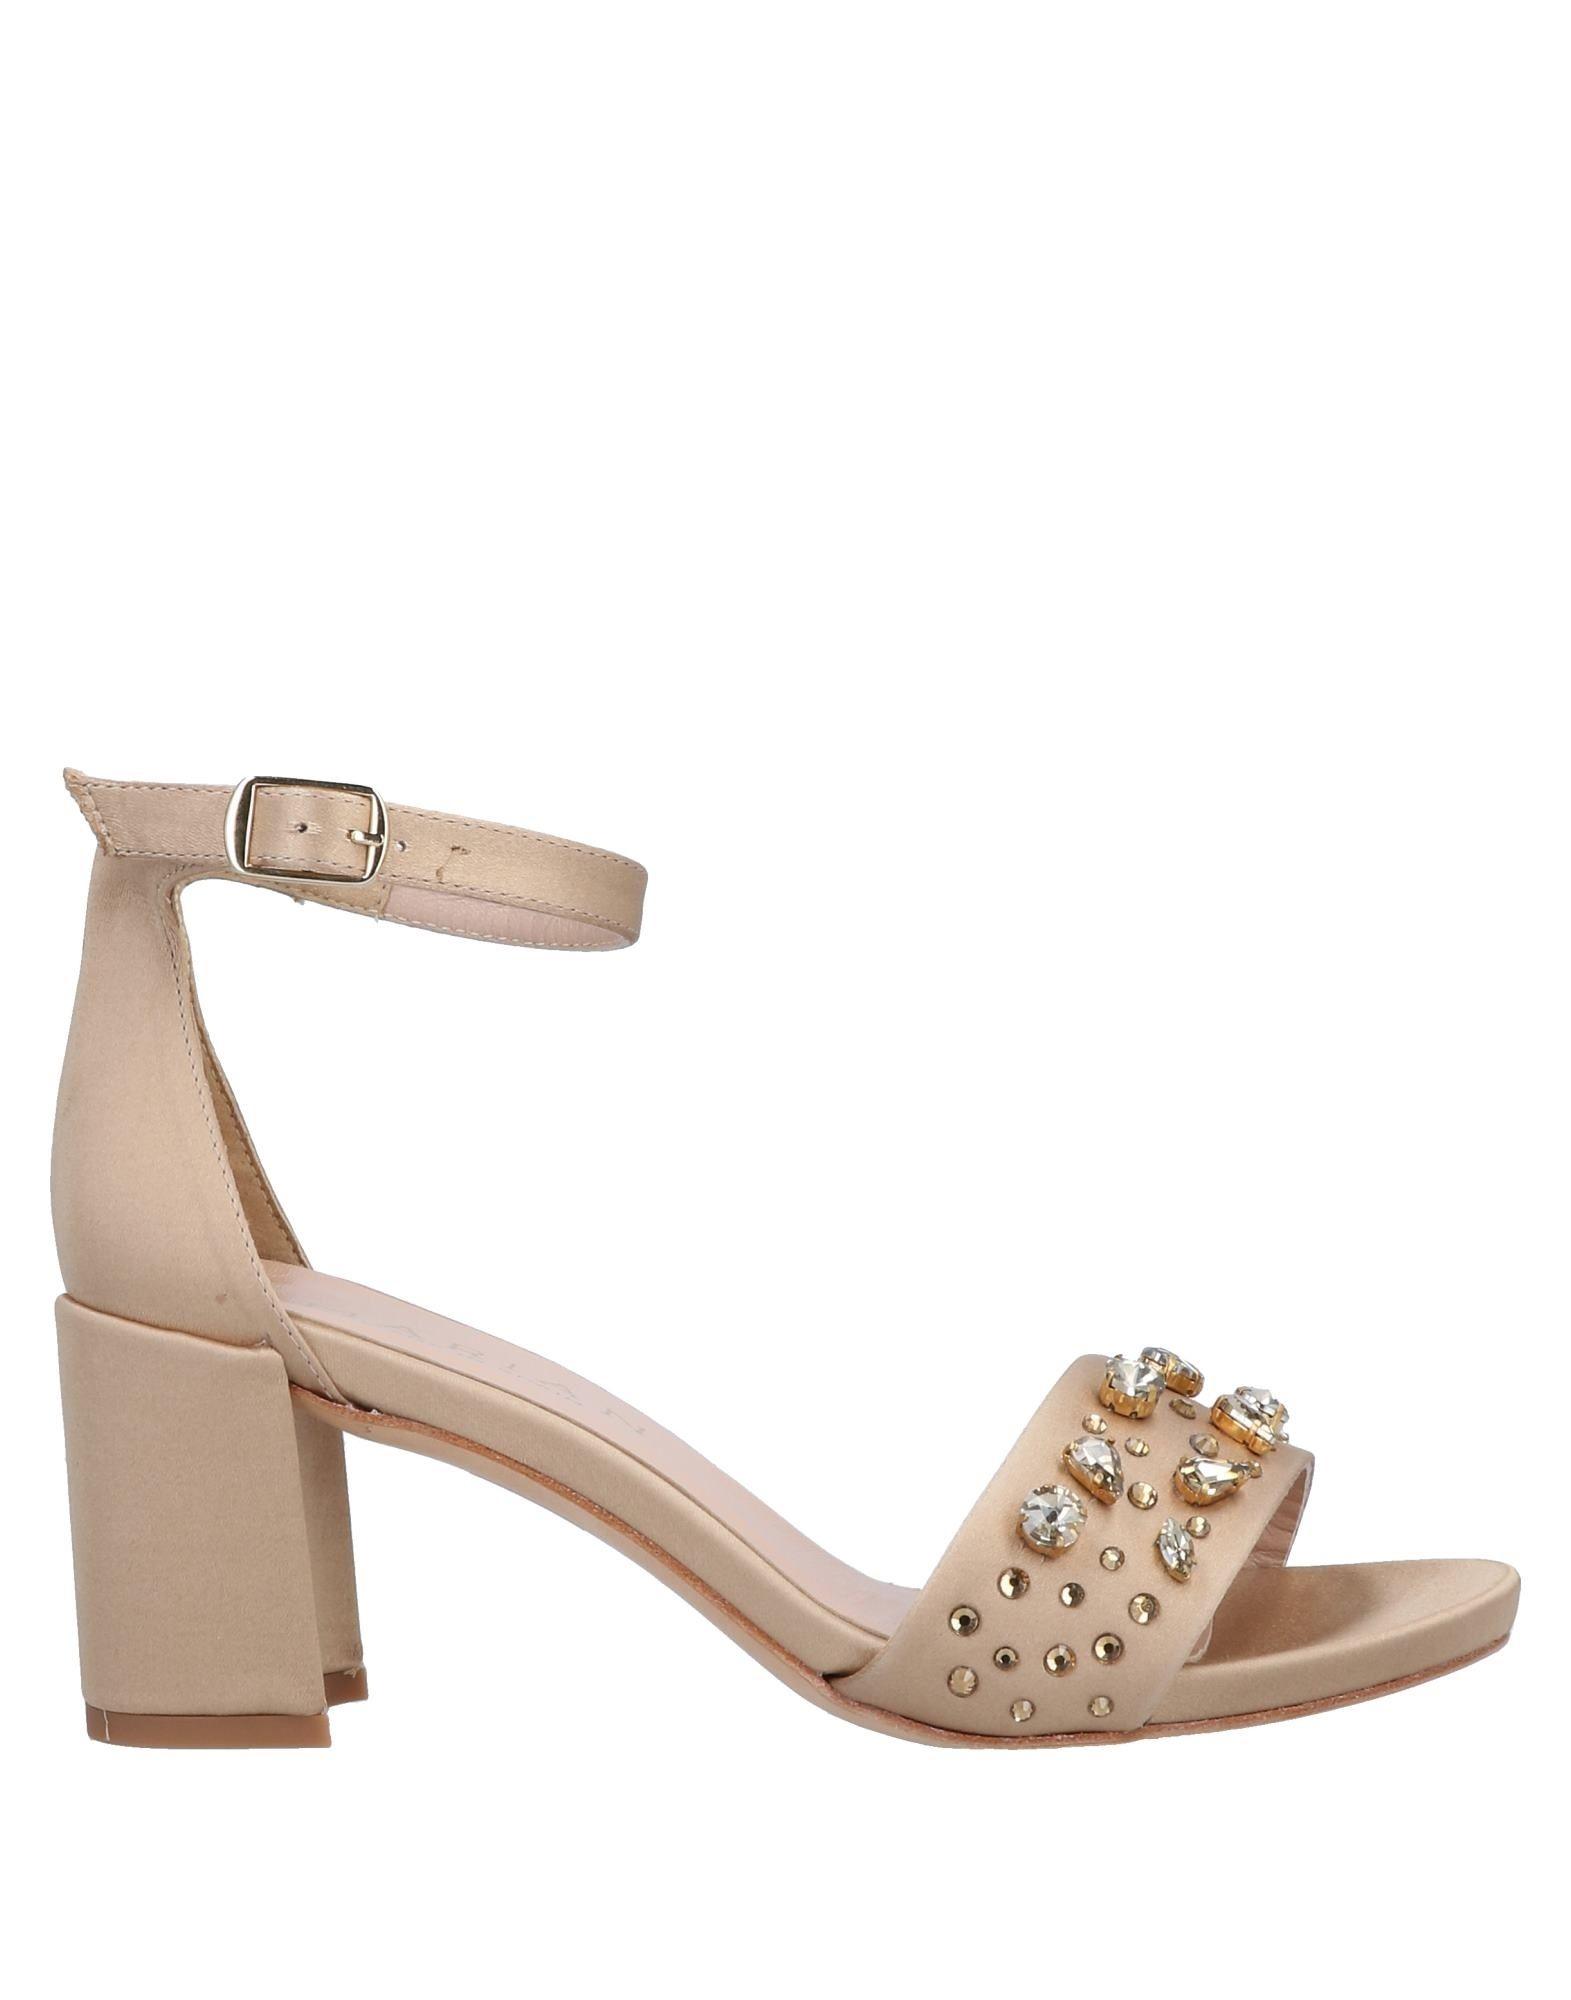 Marian Sandals - Women Sandals Marian Sandals Women online on  Canada - 11563982JK c764dd